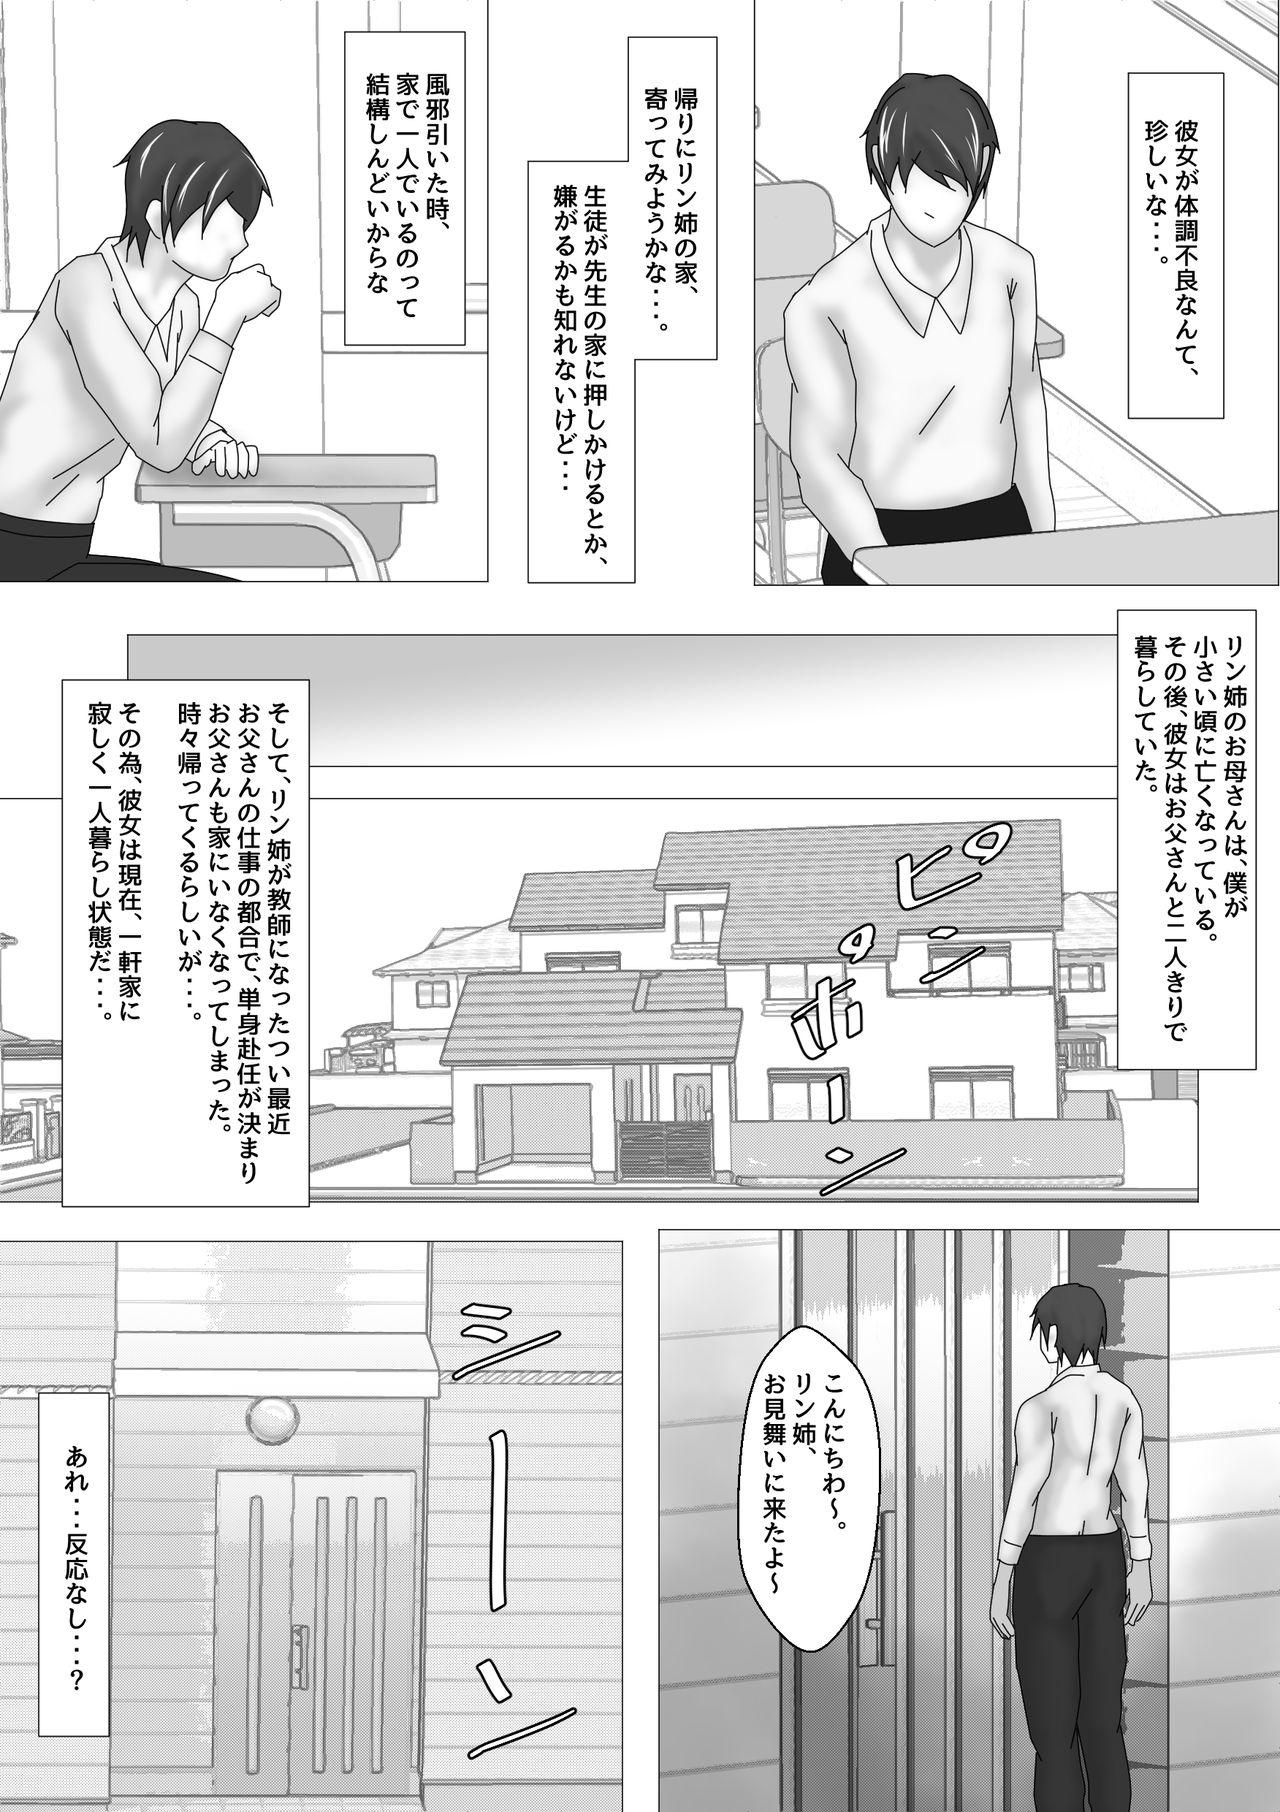 Onna Kyoushi Shinozaki Rin no Choukyou Kiroku 83